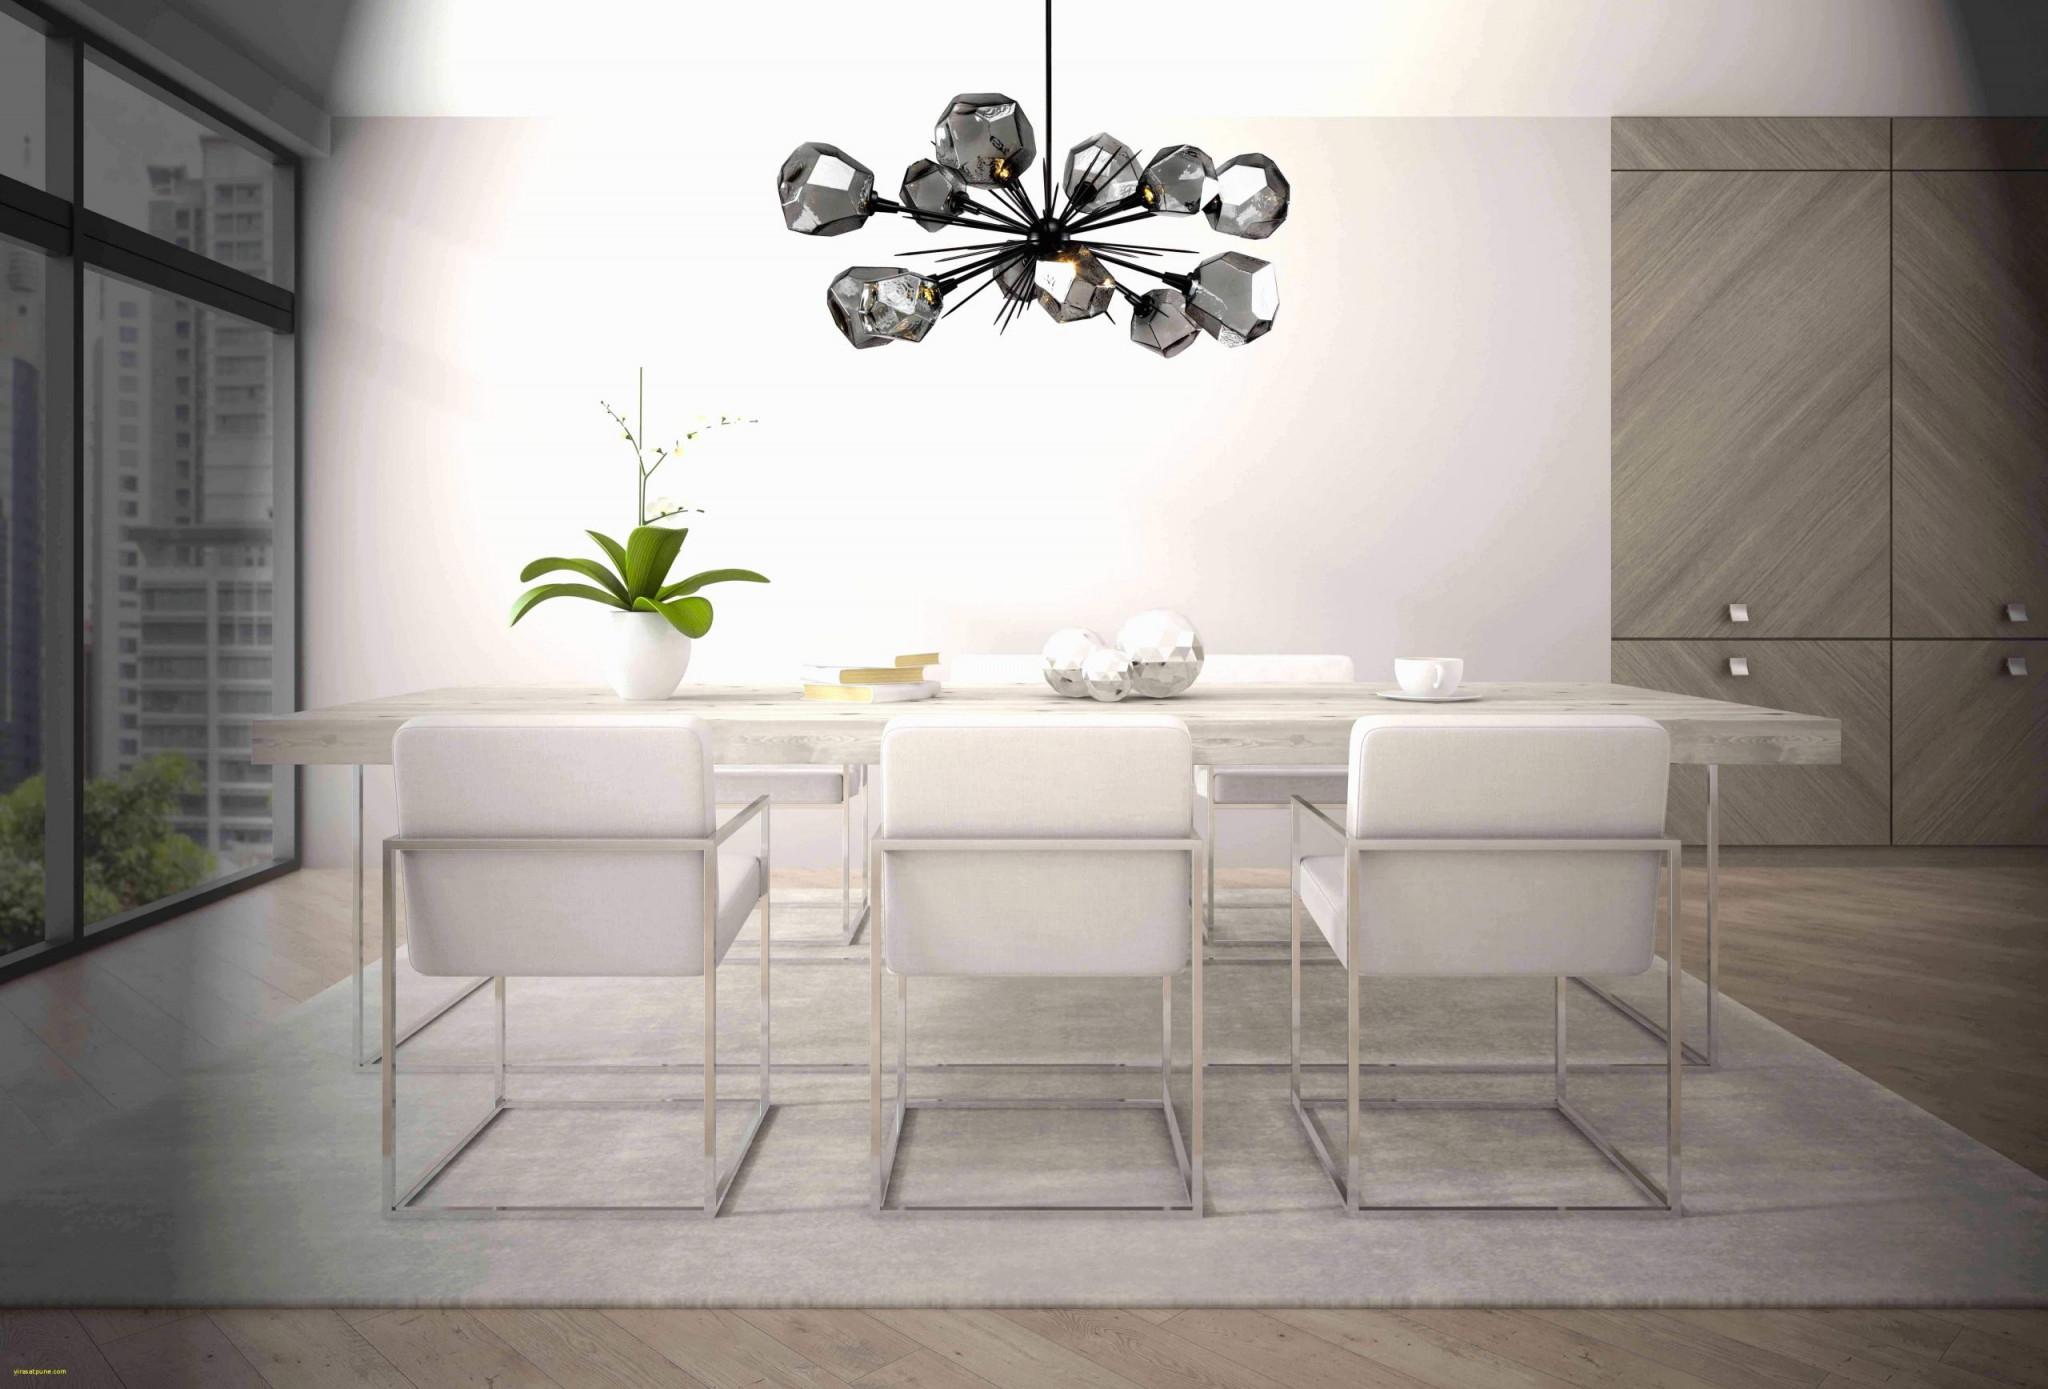 35 Luxus Wohnzimmer Deckenleuchte Modern Reizend von Deckenleuchte Modern Wohnzimmer Photo